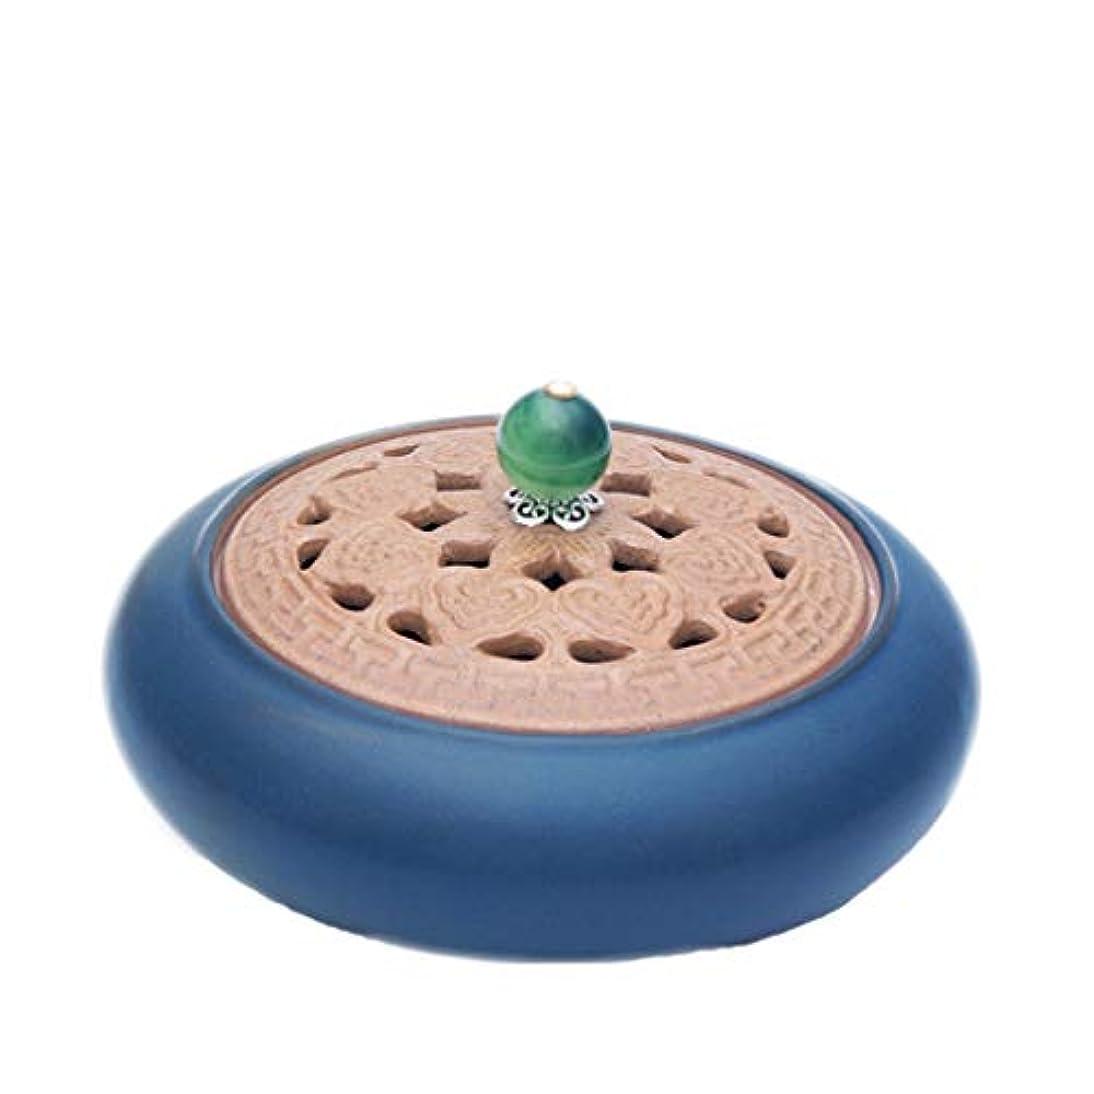 雹アラートアシスト芳香器?アロマバーナー アンティークセラミック小さな香バーナーホームインドアガーウッドハース香純粋な銅白檀炉アロマテラピー炉 アロマバーナー (Color : Green)